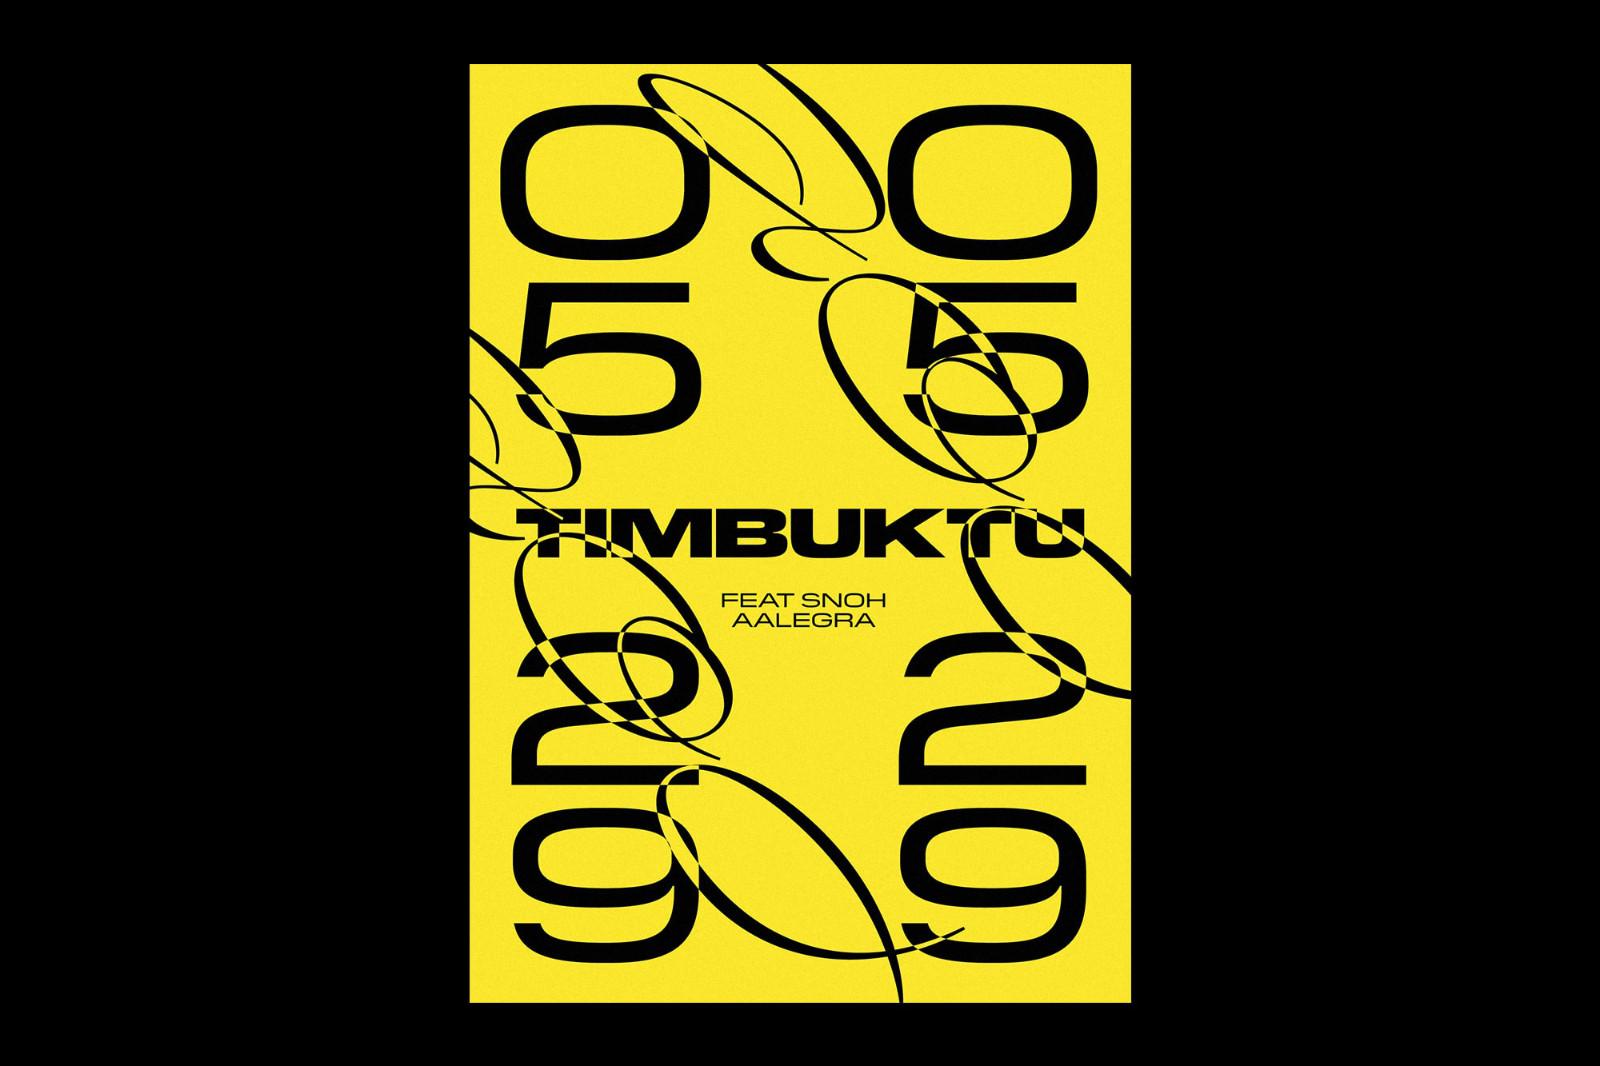 AOD för Timbuktu och Snoh Aalegra, 2020.